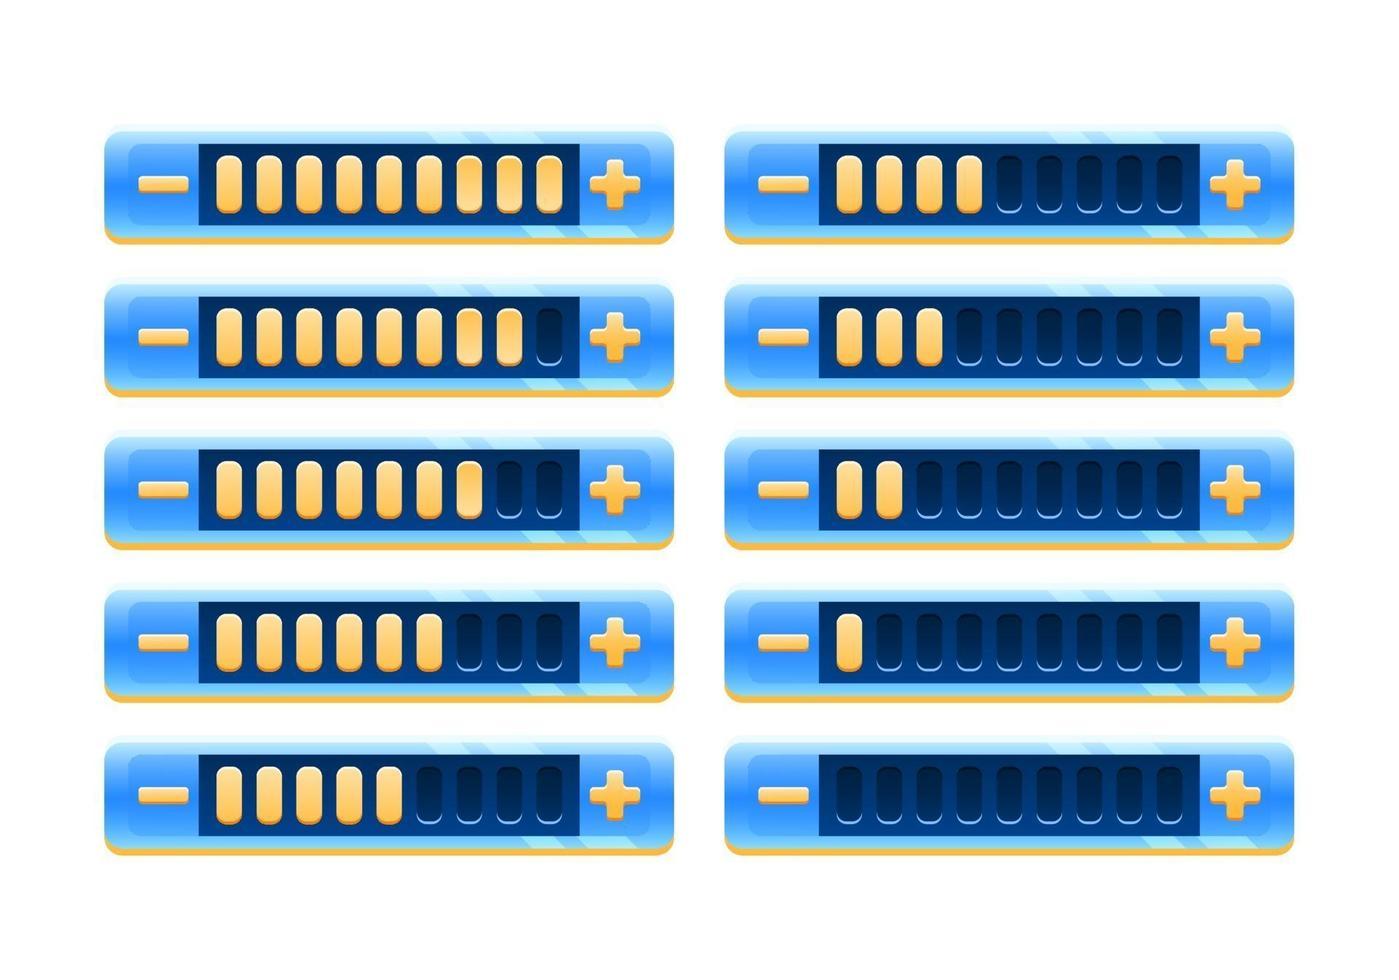 conjunto de painel de barra de progresso de interface do usuário de jogo brilhante fantasia com botão de aumentar e diminuir para ilustração de vetor de elementos de recurso de interface